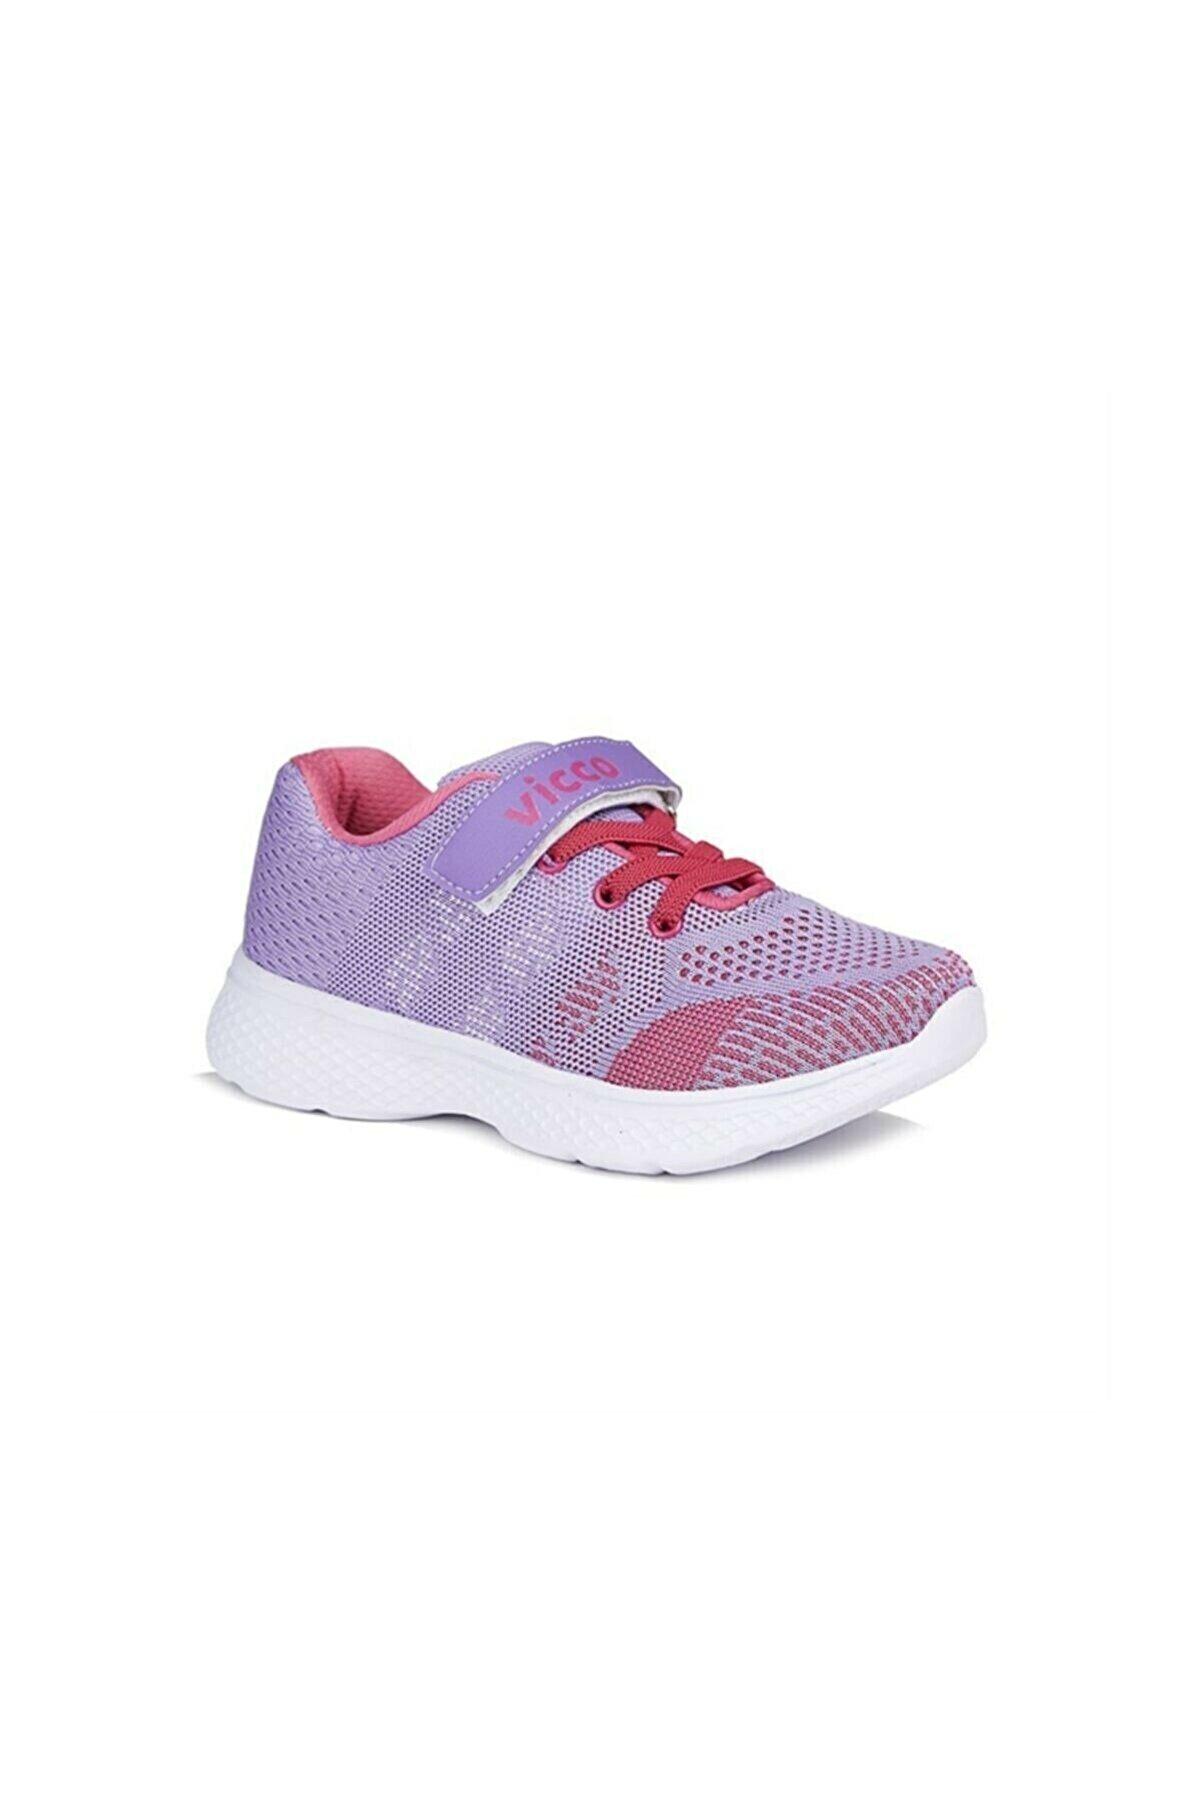 Vicco Tam Ortopedik Lila Esnek Taban Fileli Cırtlı Yürüyüş-koşu Kız Çocuk Sneaker Ayakkabı